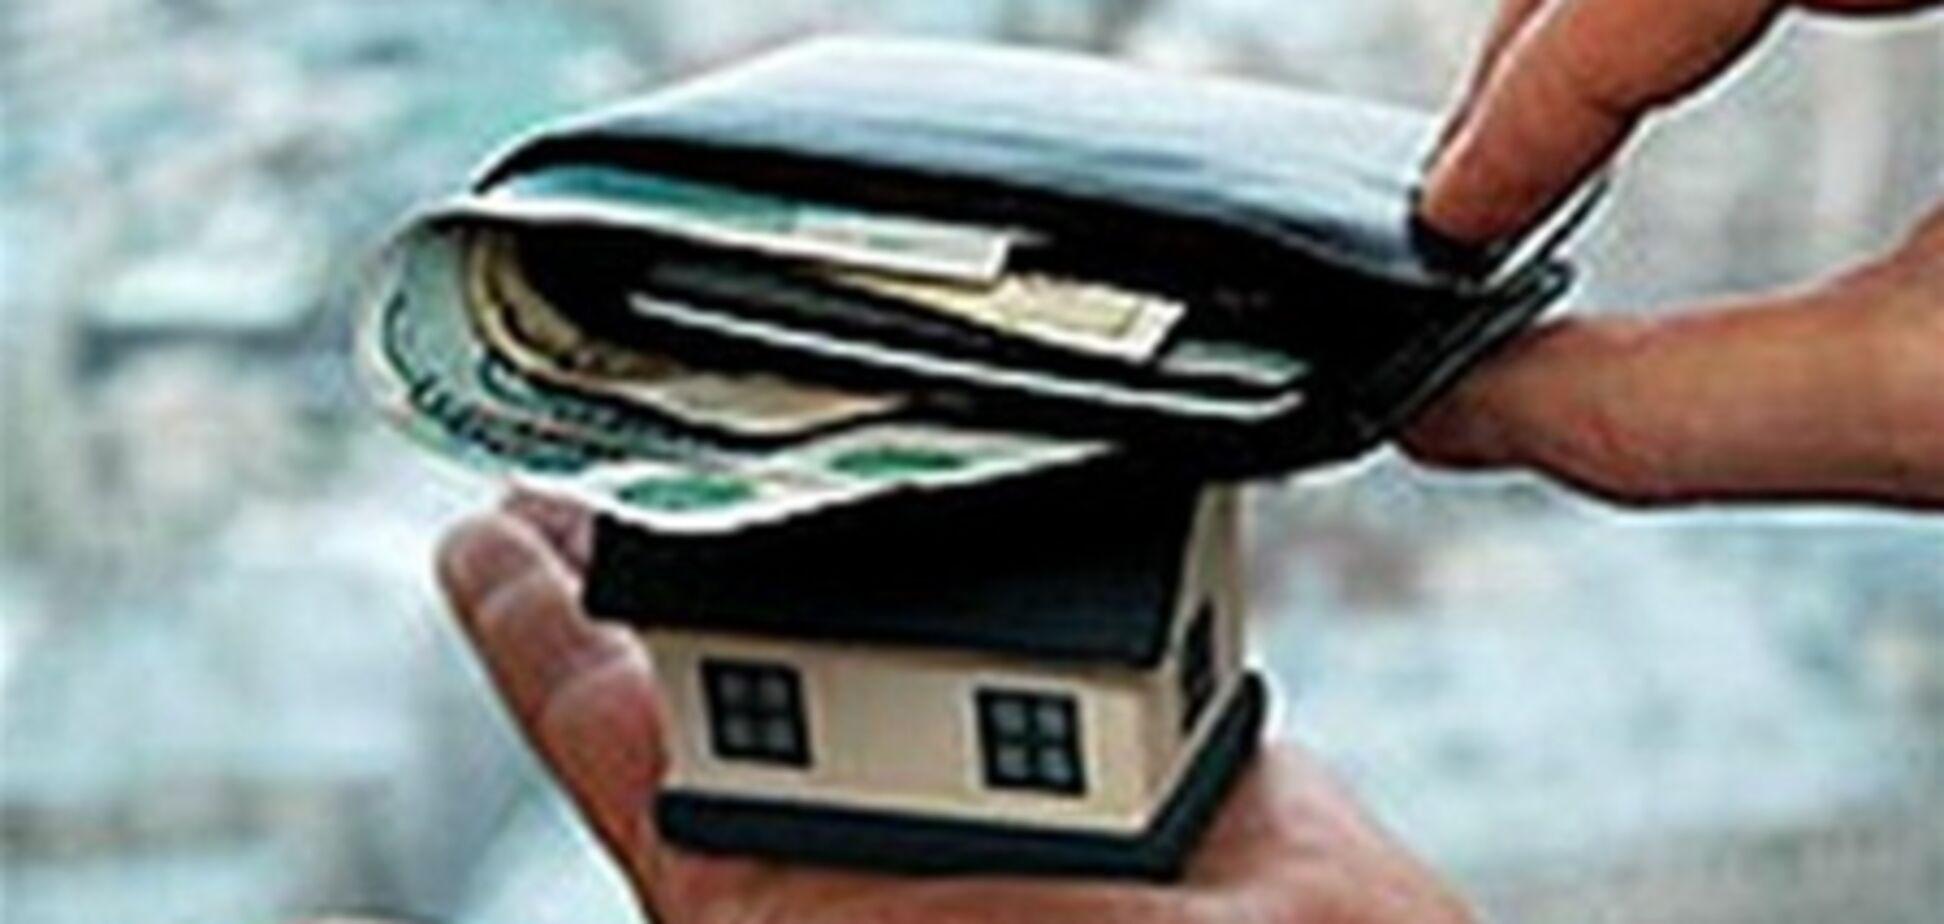 Украинцы отказываются от покупки недвижимости в пользу аренды